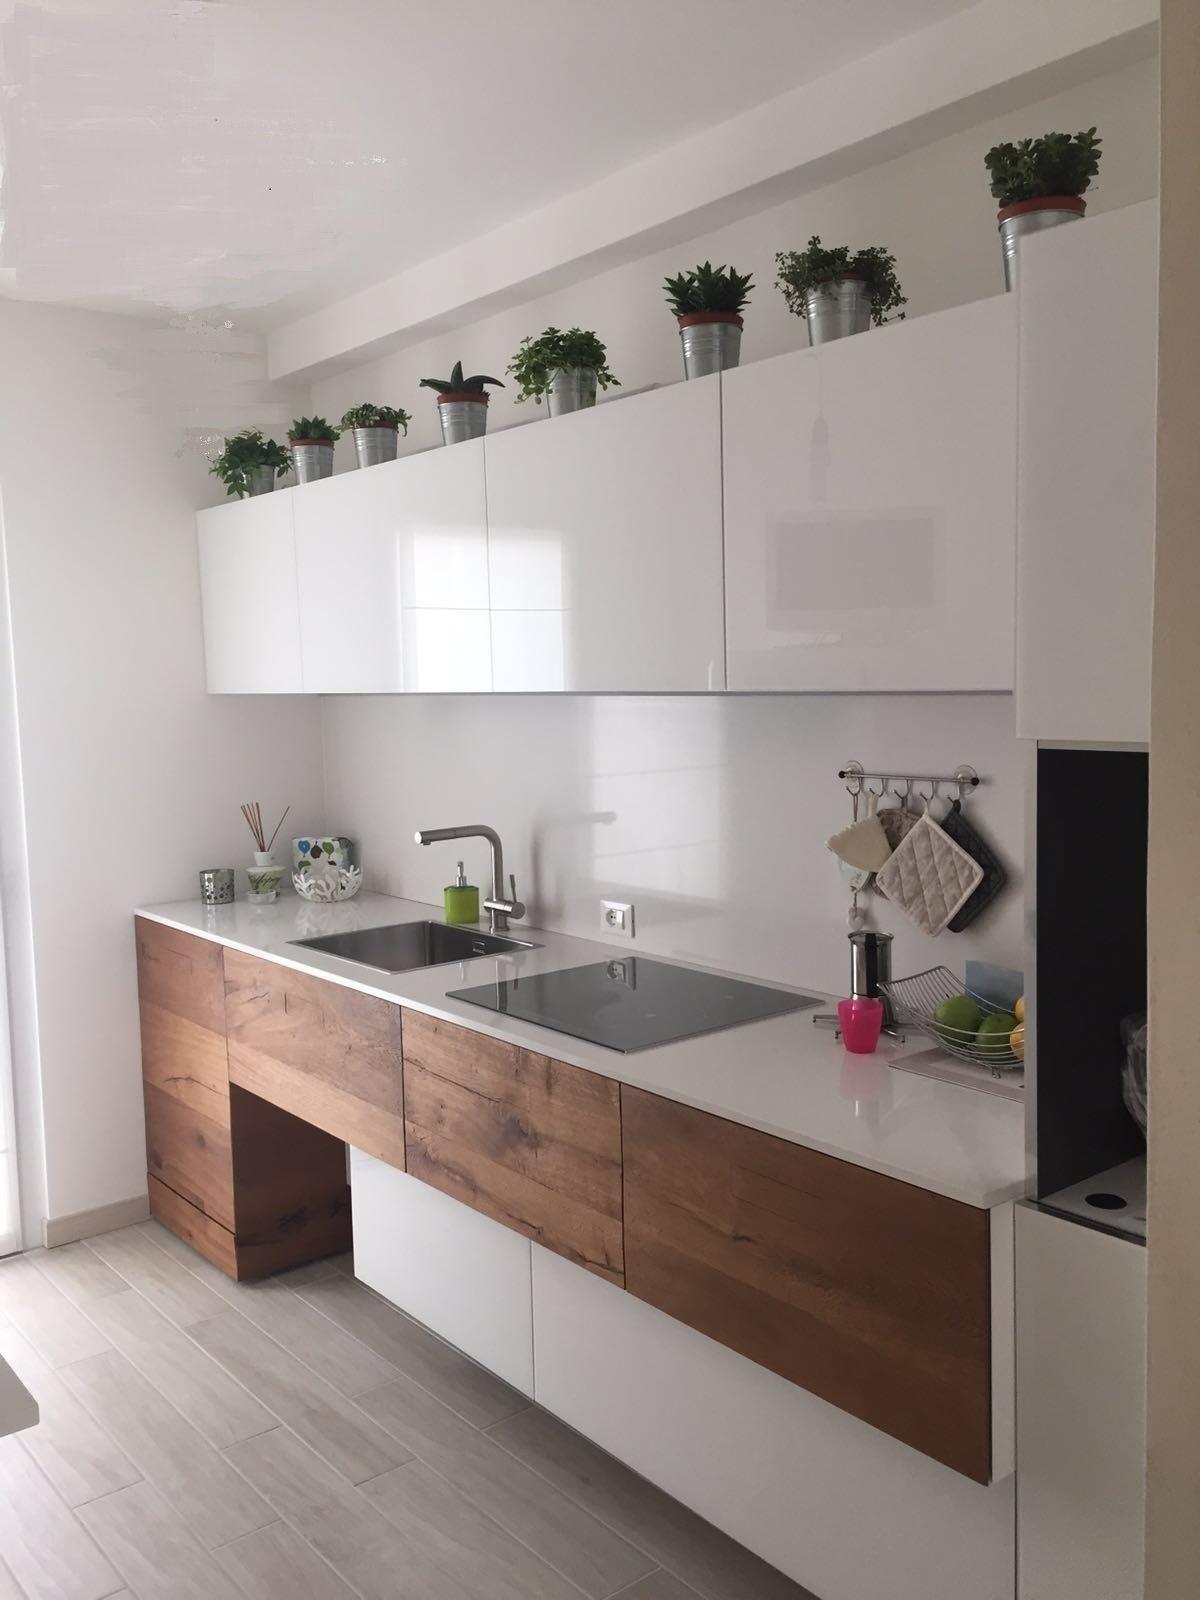 100 idee di cucine moderne con elementi in legno | Verandas ...